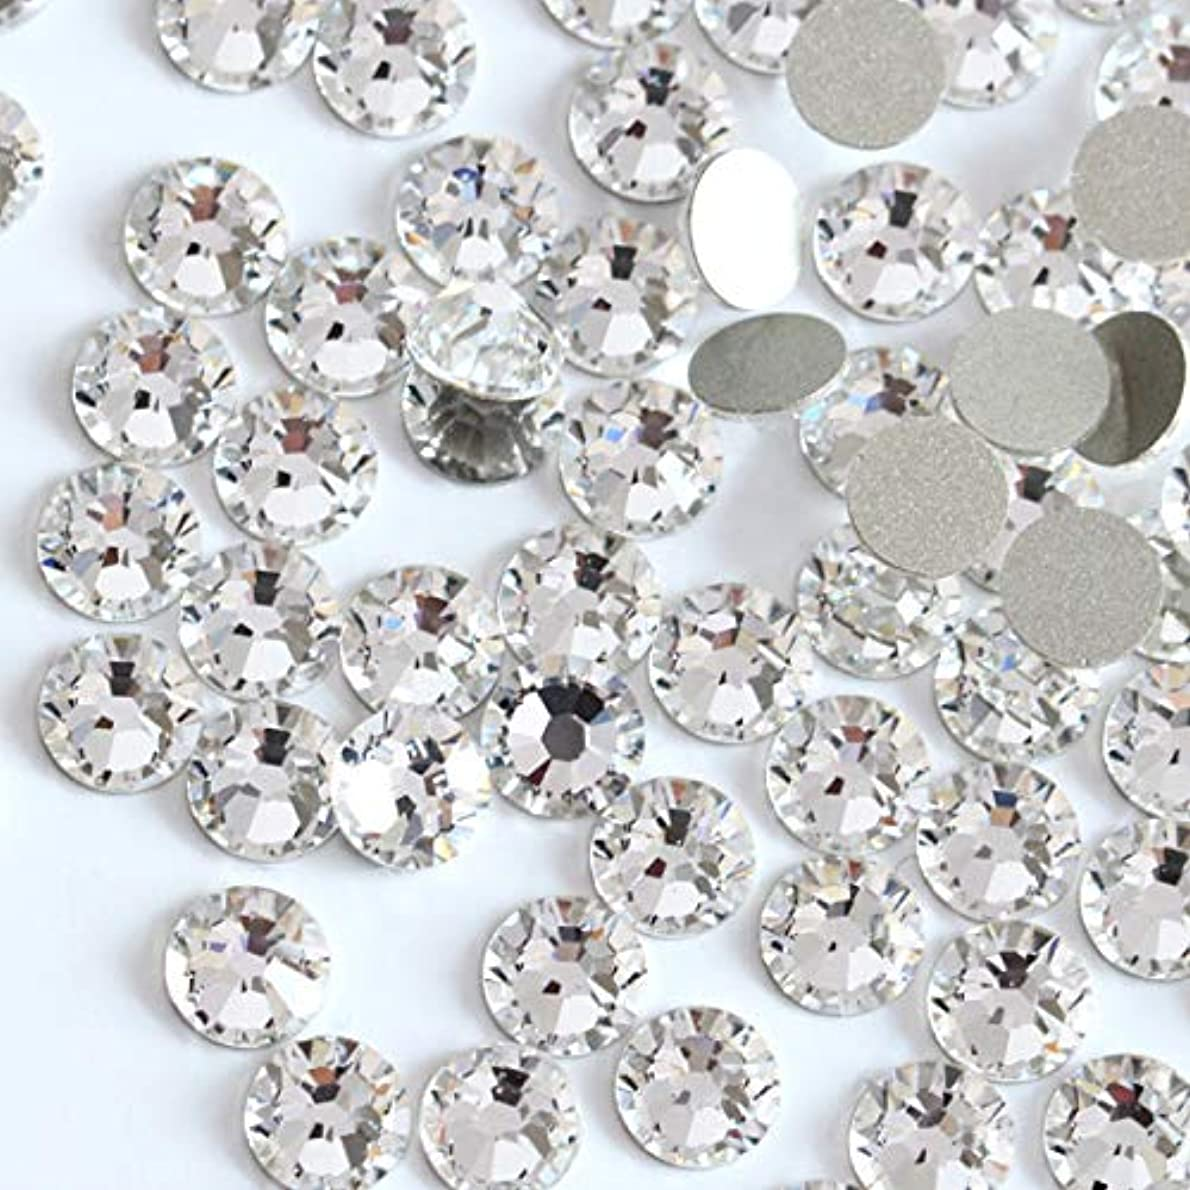 ヘクタール表面教え【ラインストーン77】高品質ガラス製ラインストーン クリスタル(1.5mm (SS4) 約200粒)